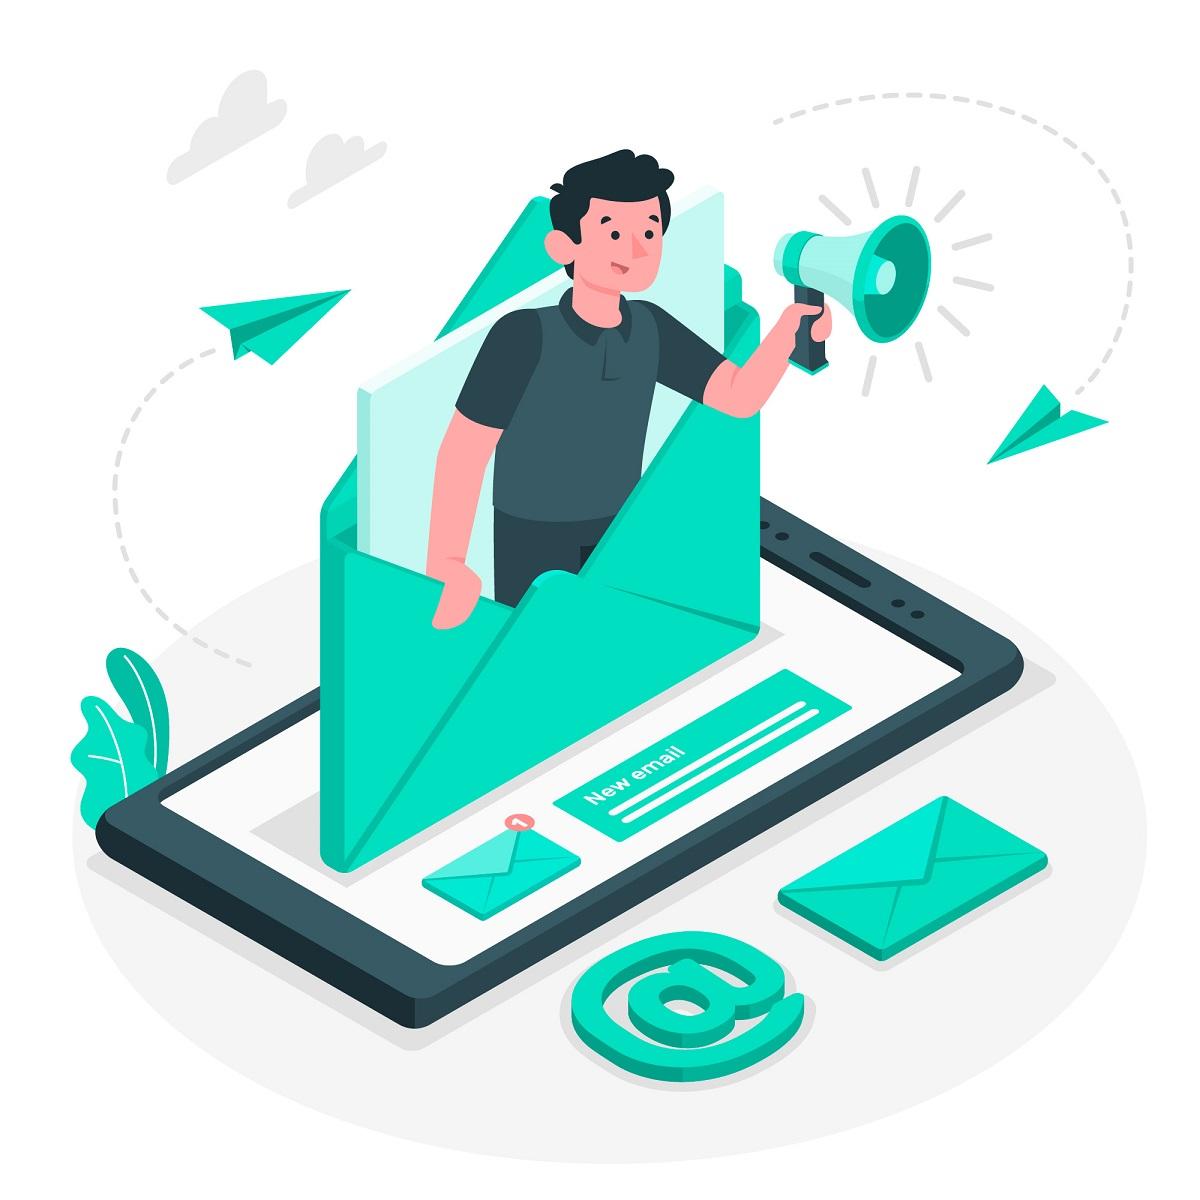 El email marketing es una buena opción para las estrategias de retención de clientes.